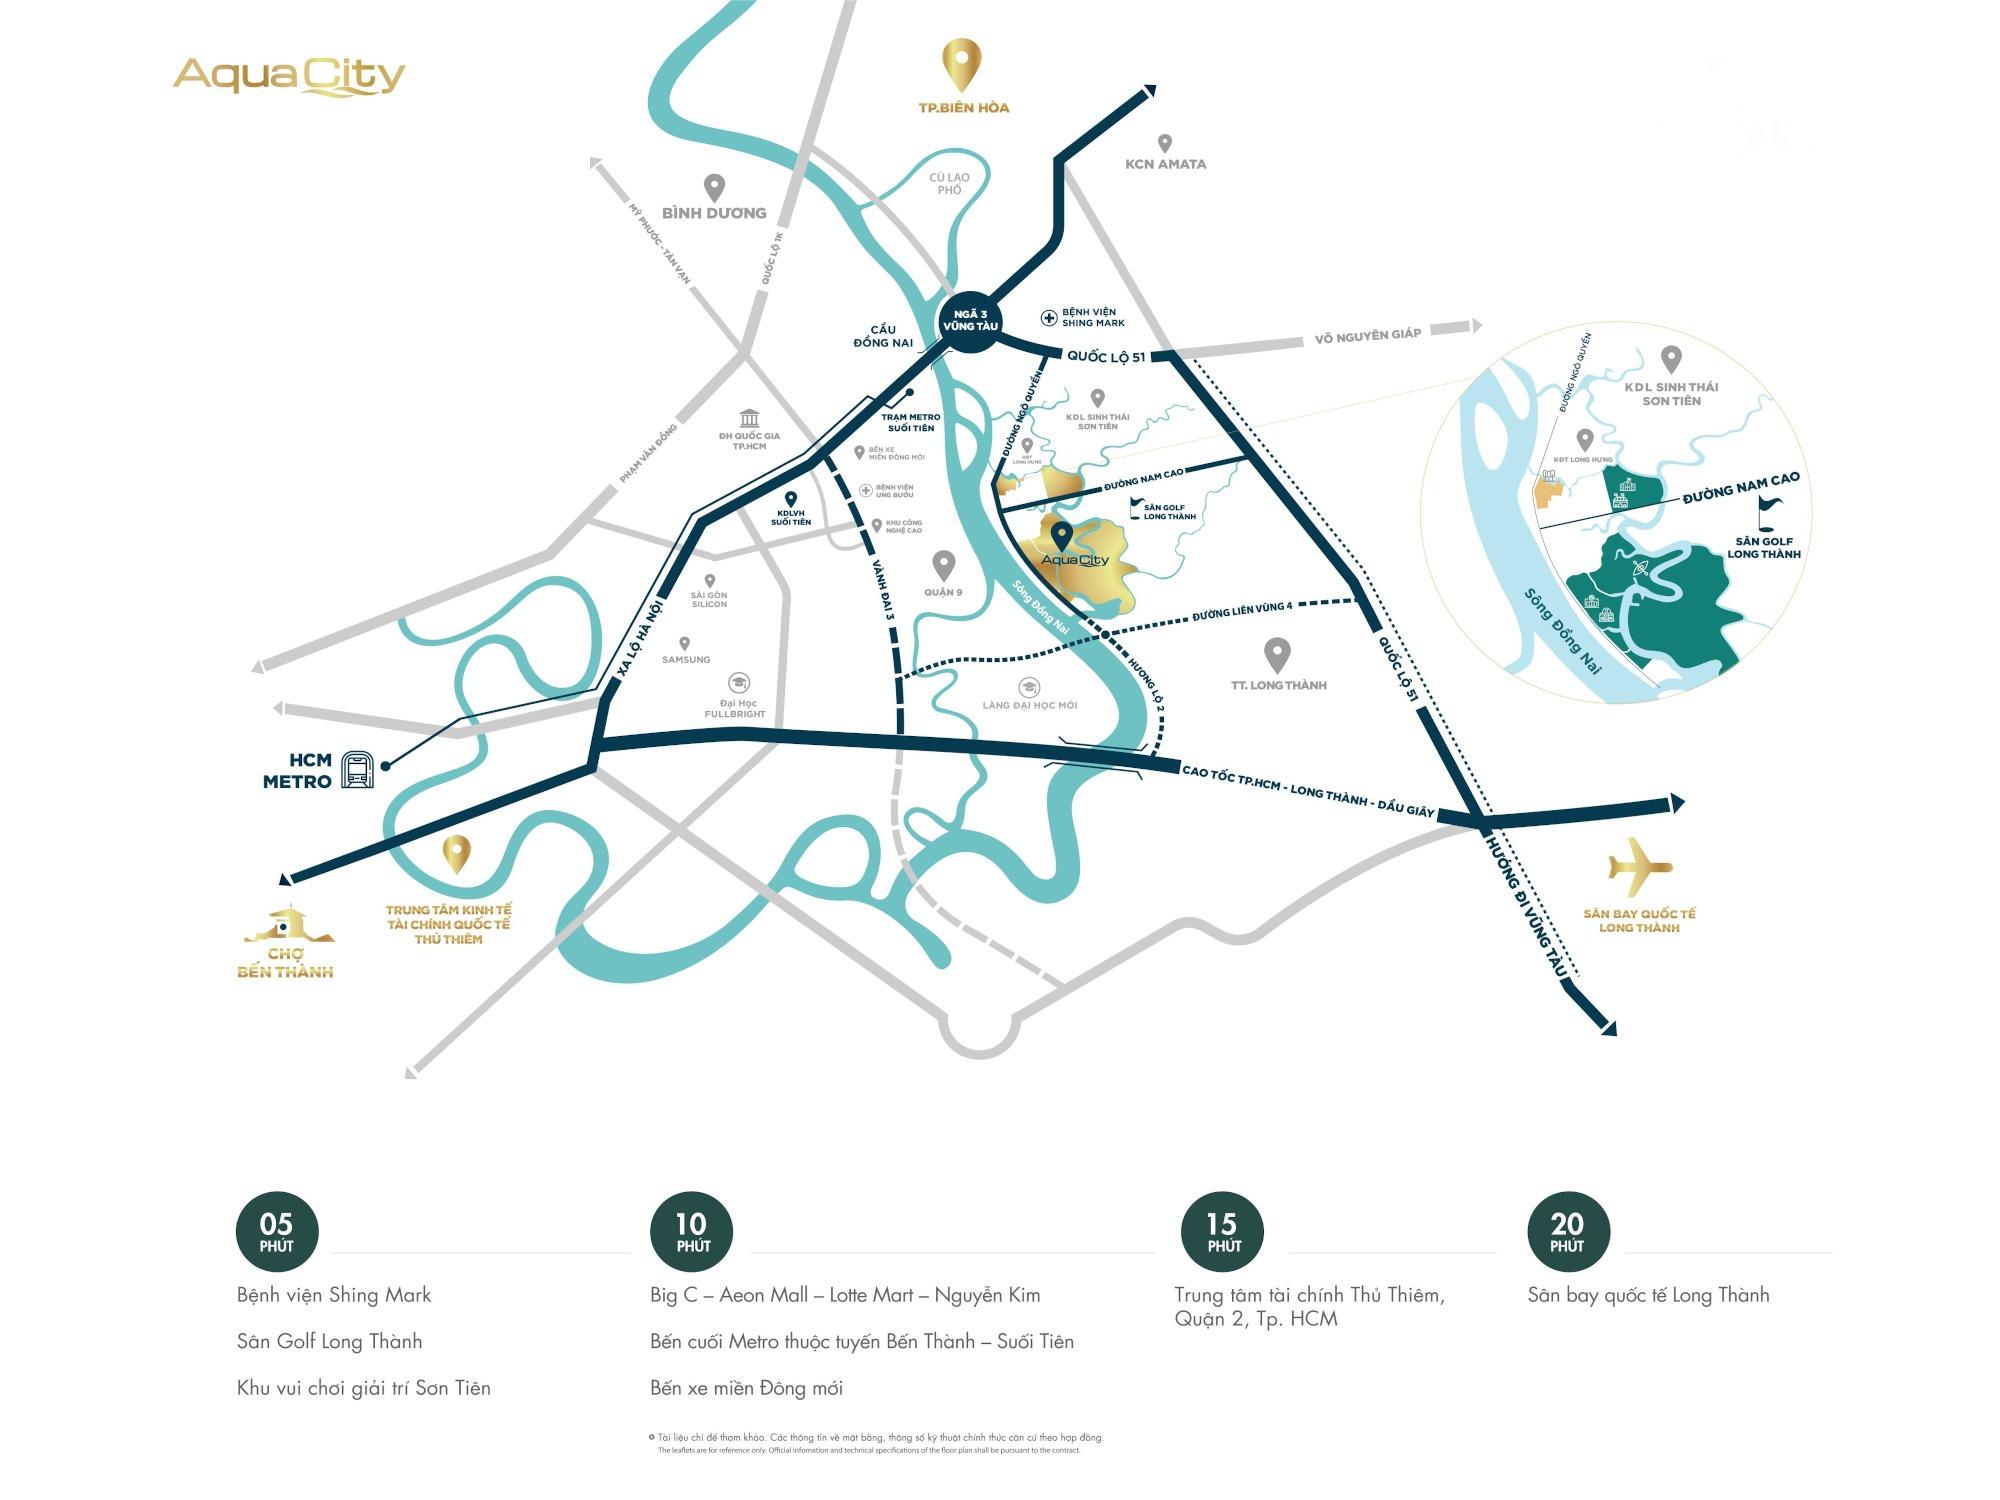 Khả năng kết nối của đô thị Aqua City